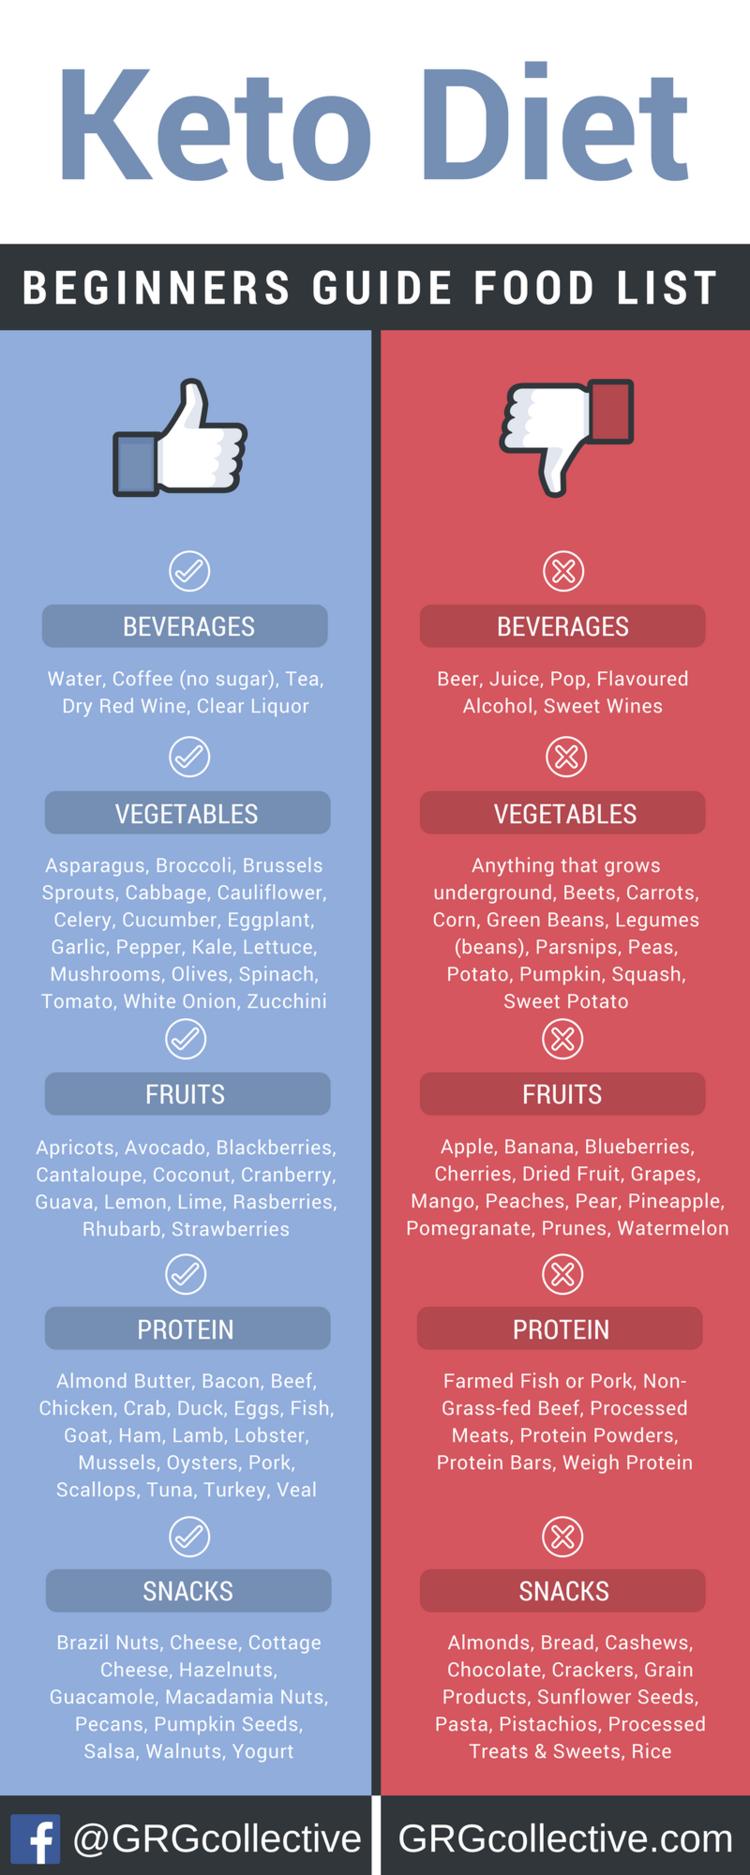 keto diet beginners guide food list